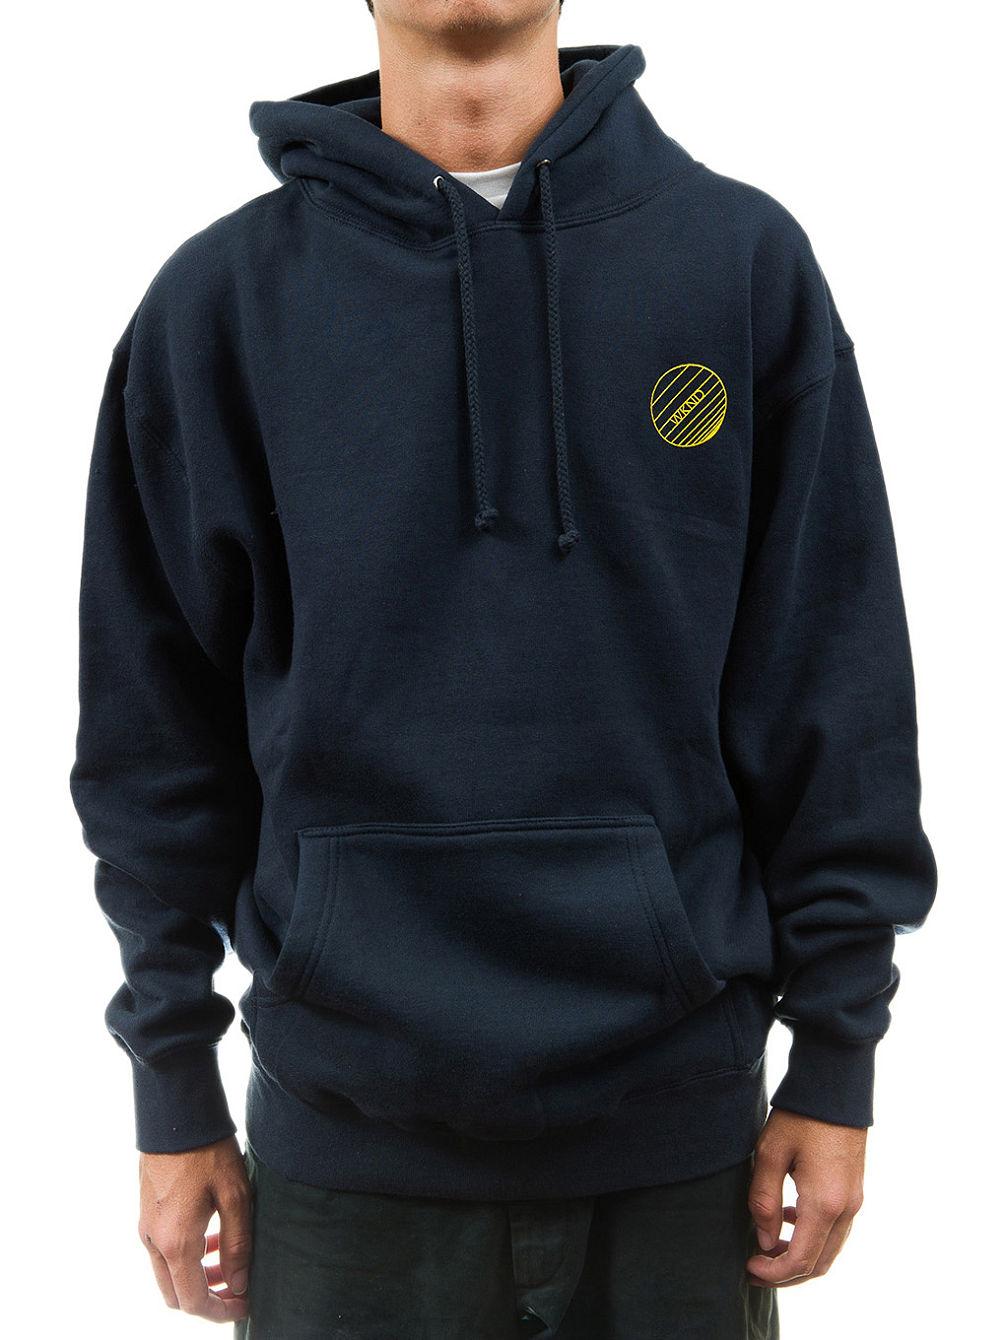 wknd-vantage-hoodie